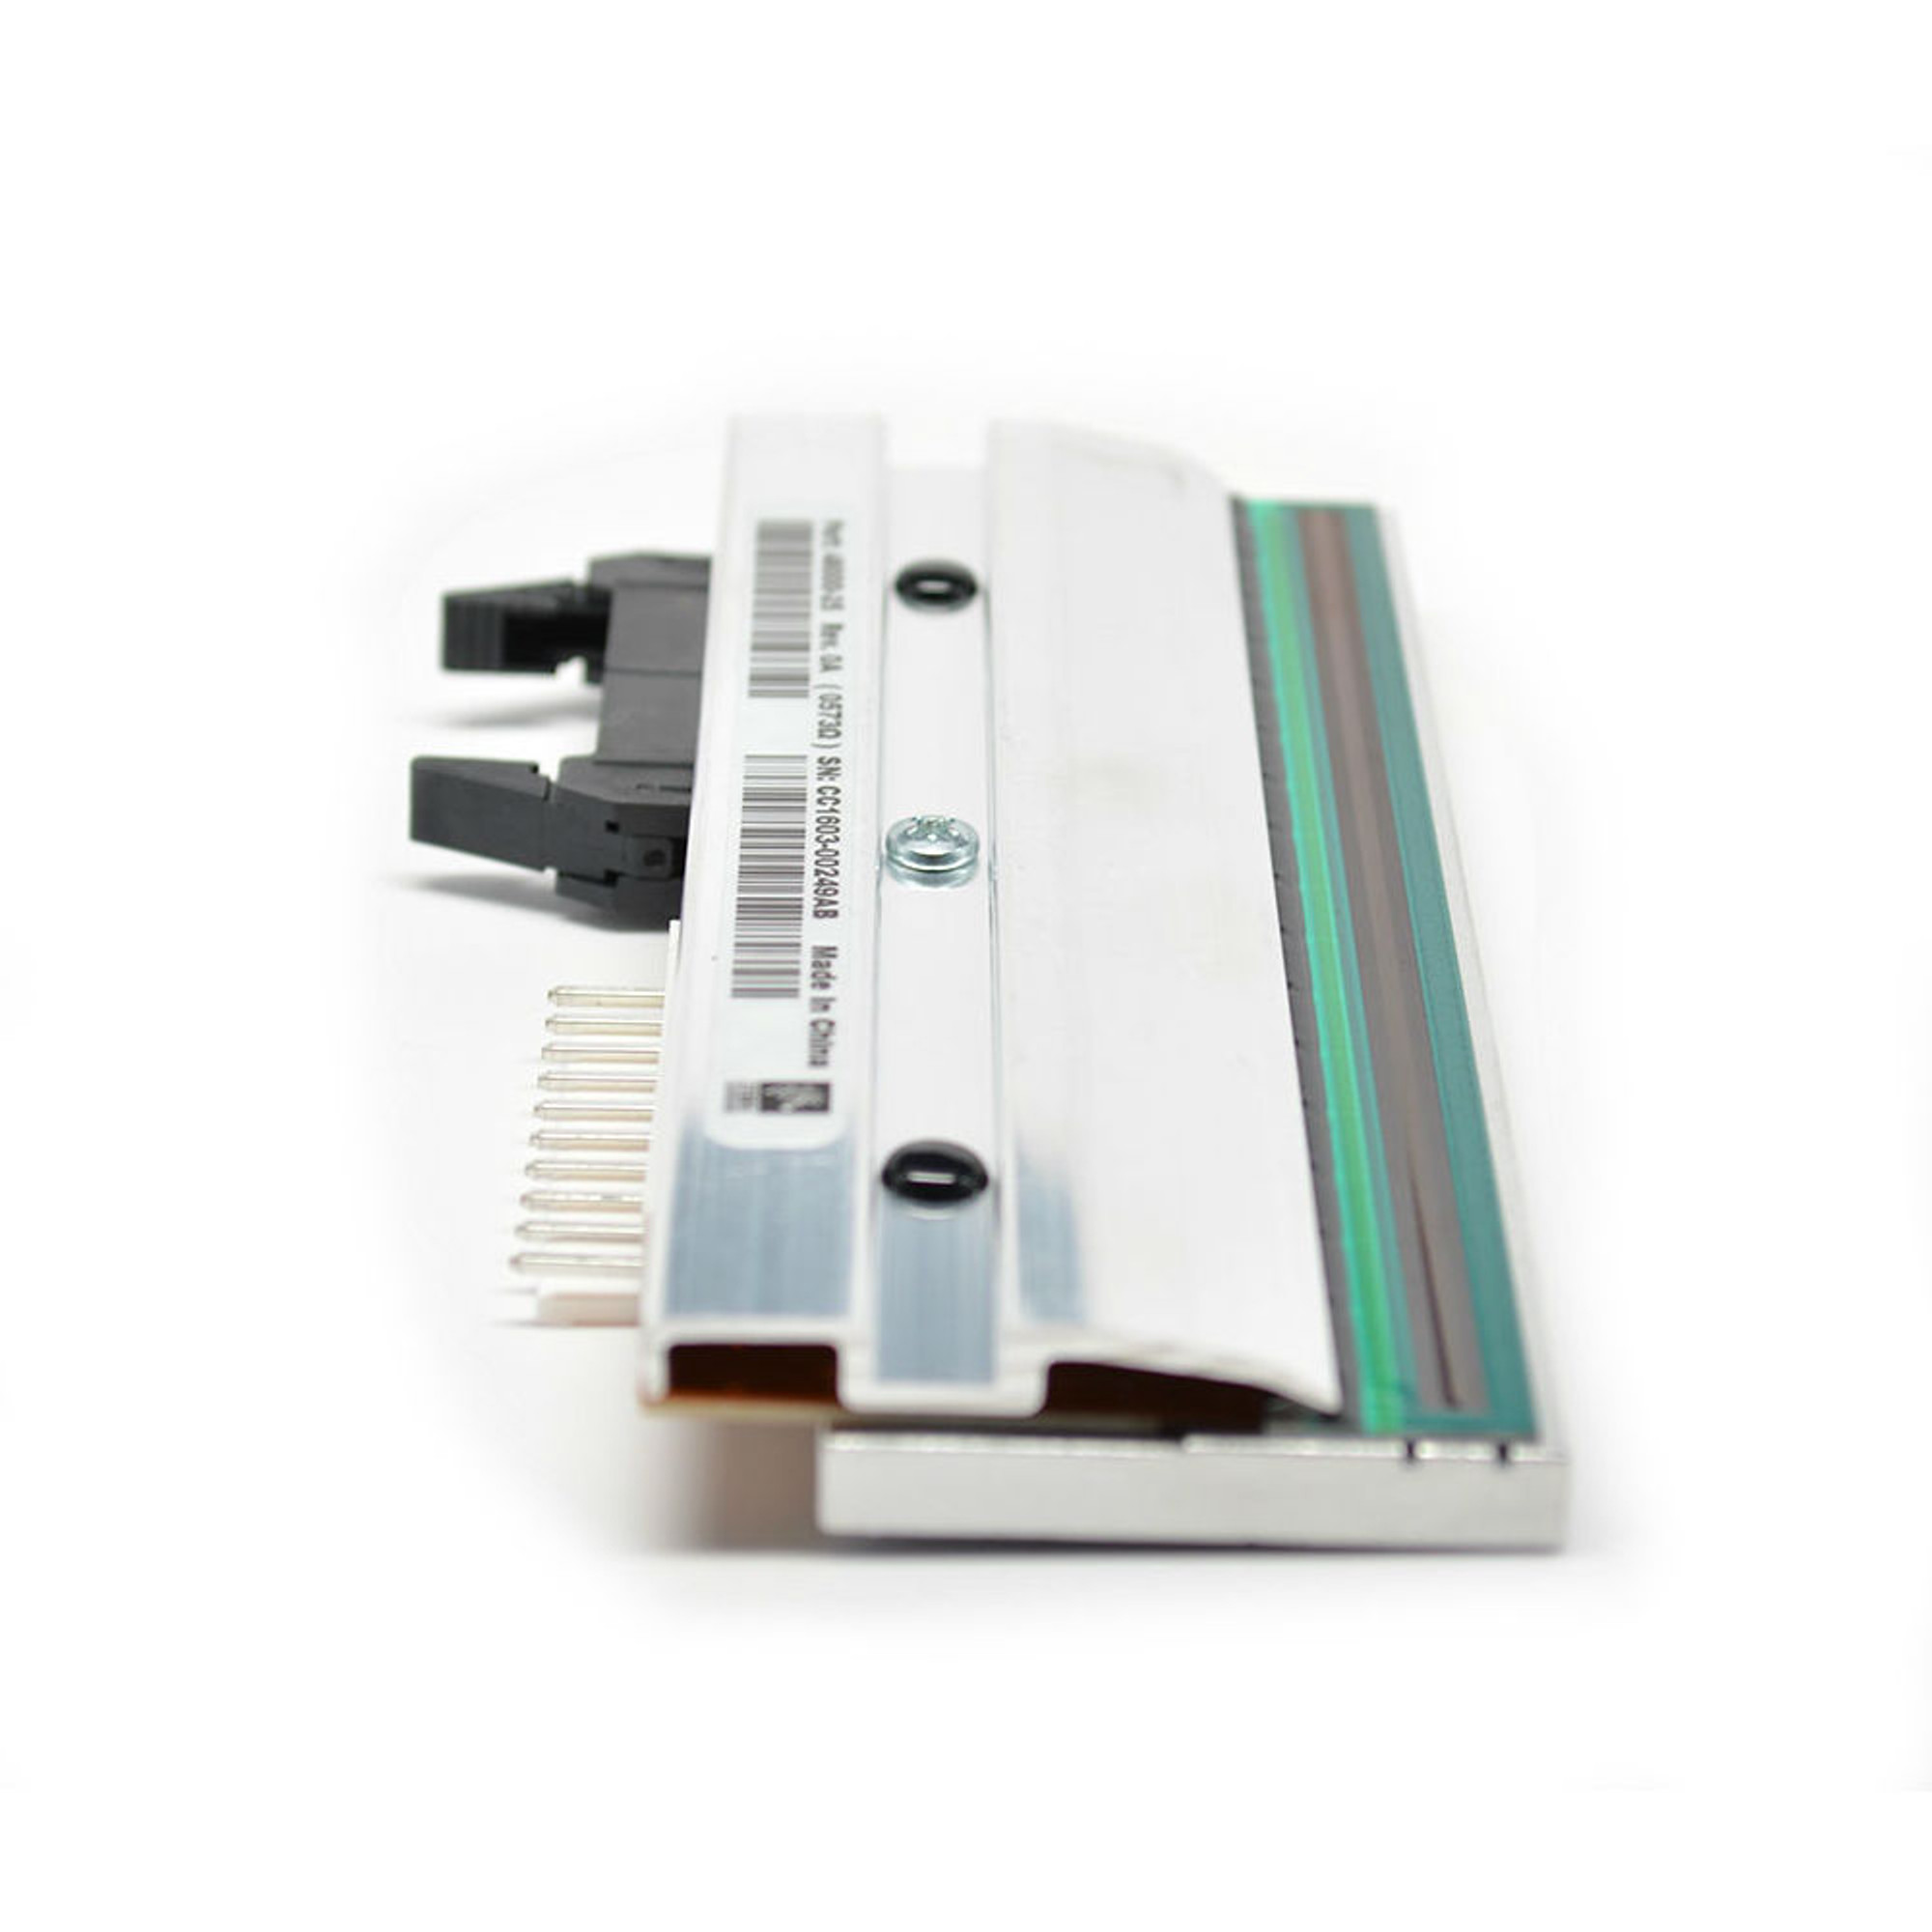 KST-128-8MPK8-ZB   Printhead for Zebra 140xill 140xilll+ 140xilll